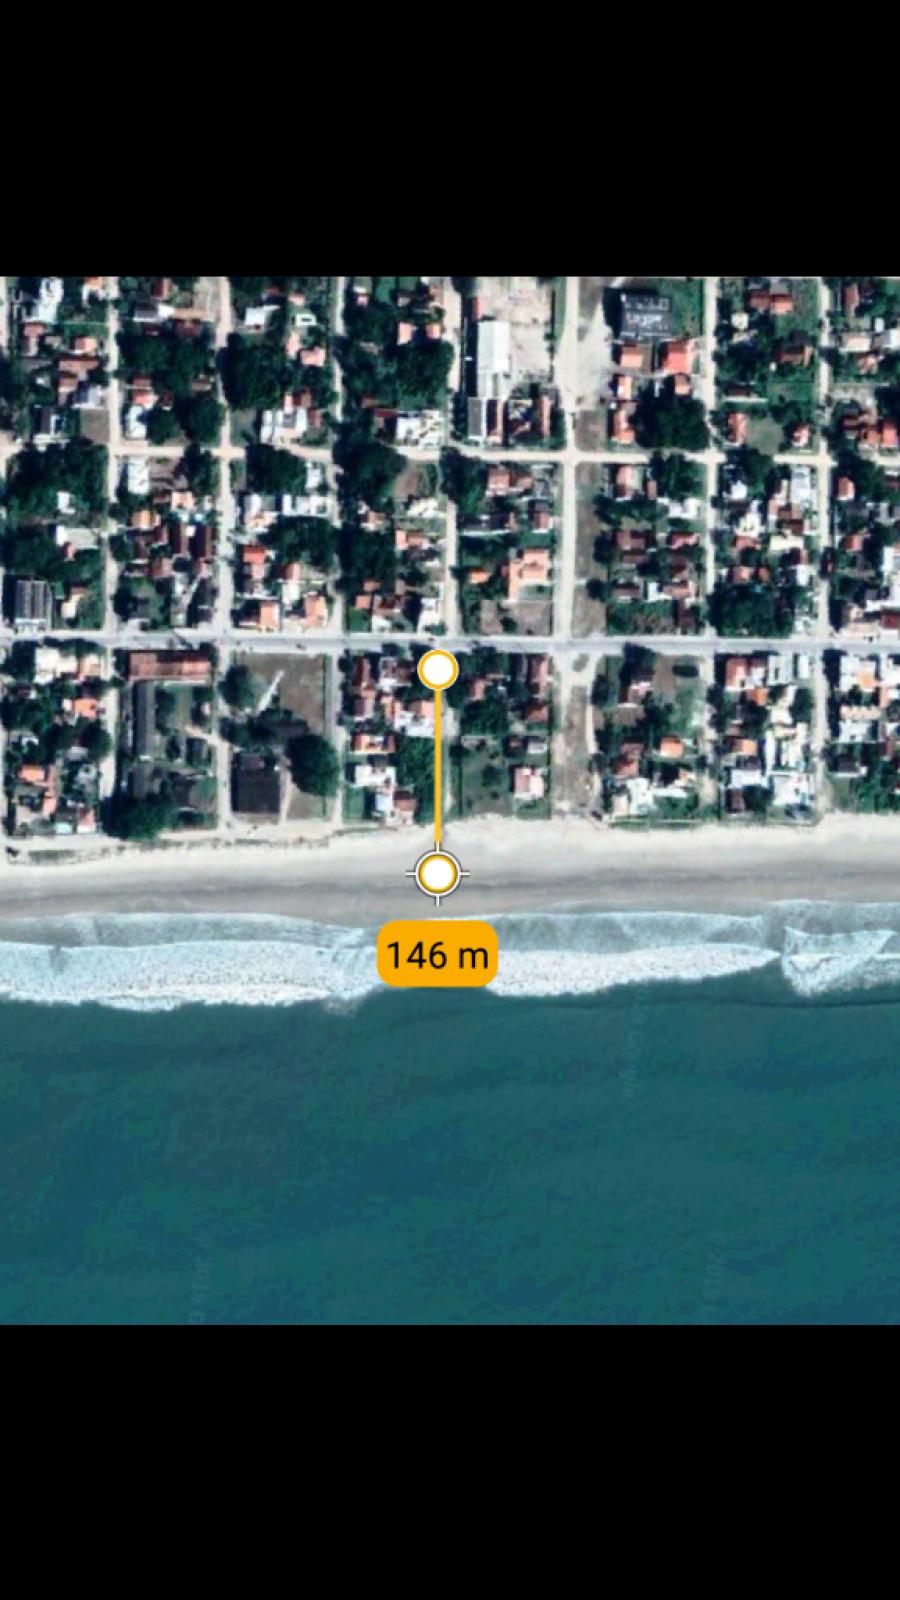 Lote - terreno de esquina - Itapoá - Santa Catarina